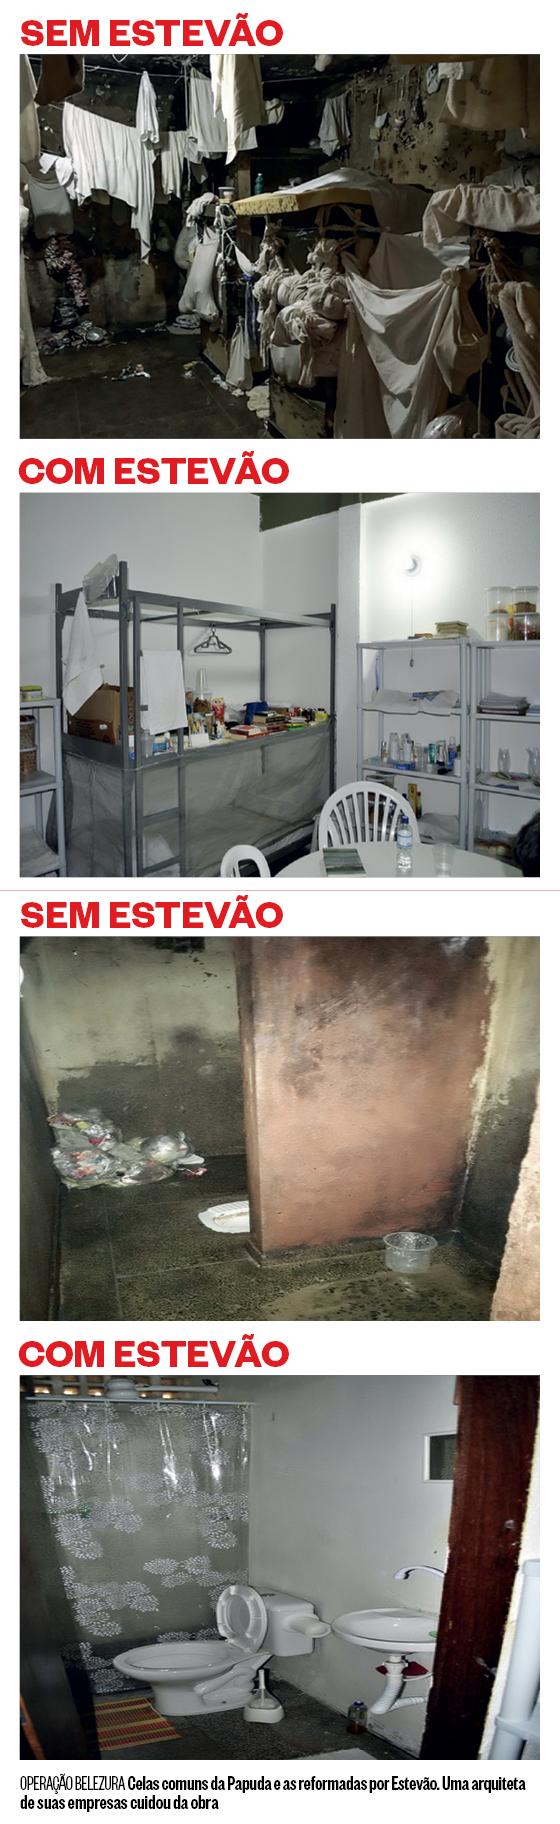 OPERAÇÃO BELEZURA Celas comuns da Papuda e as reformadas por Estevão. Uma arquiteta  de suas empresas cuidou da obra (Foto: Reprodução)